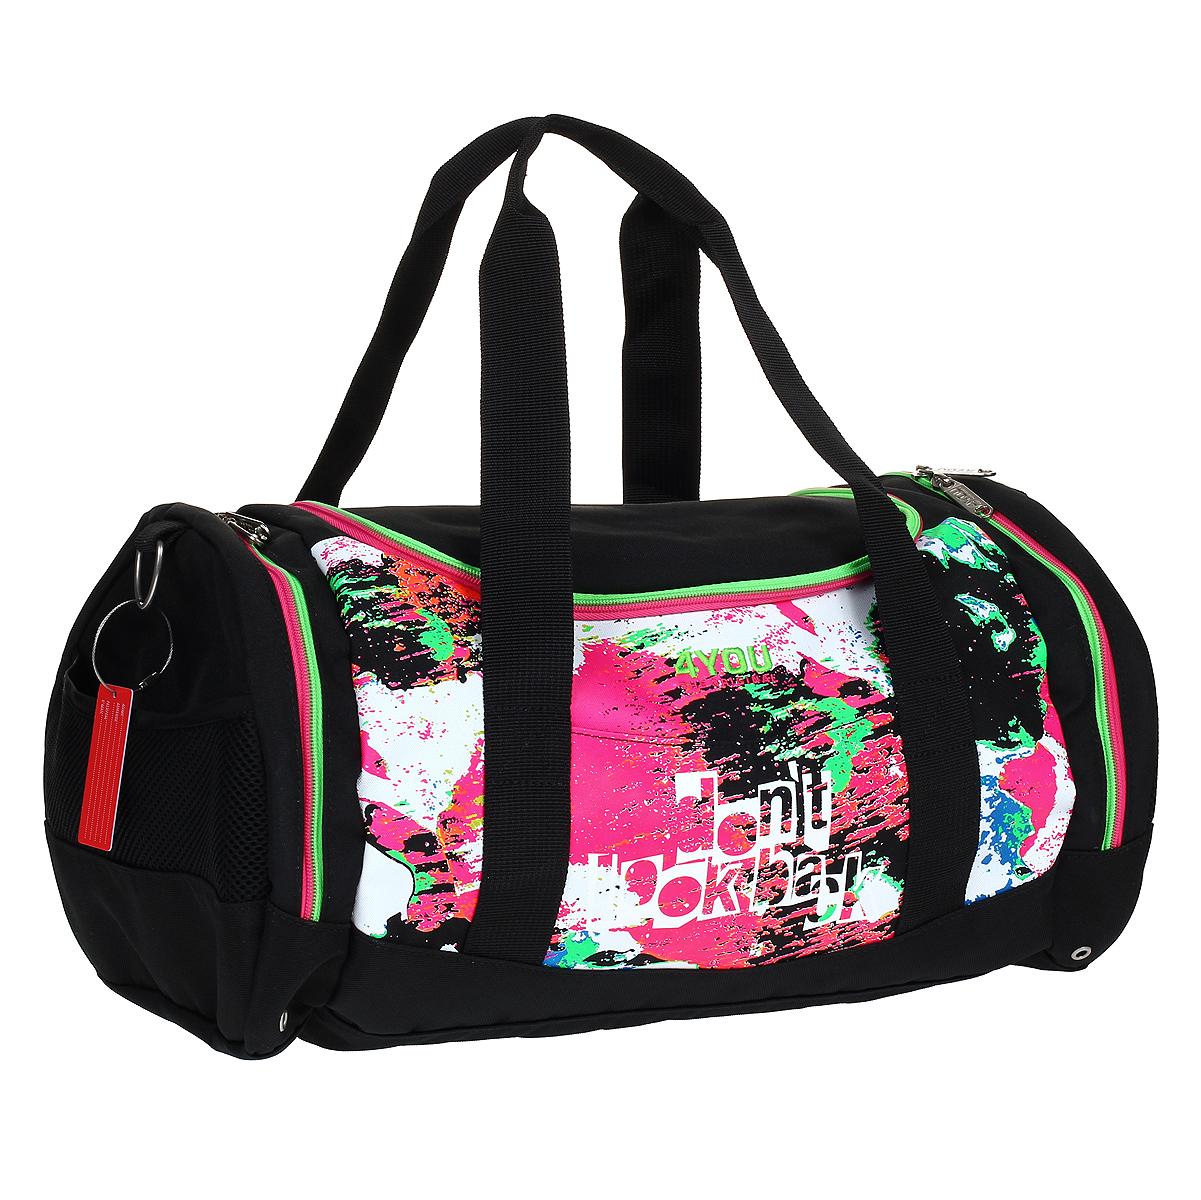 Сумка школьная 4You Спорт: Неон, цвет: розовый, салатовый, белый, черный171400-596Школьная сумка 4You Спорт: Неон предназначена для переноски спортивных вещей, обуви и инвентаря. Сумка выполнена из прочного износостойкого текстильного материала розового, салатового, белого и черного цветов и содержит одно вместительное отделение, которое закрывается на застежку-молнию с двумя бегунками. На лицевой стороне сумки находится небольшой внешний карман без застежки. По бокам расположены два накладных кармана, закрывающихся также на застежки-молнии с двумя бегунками. На внешней стороне каждого находится большой сетчатый карман без застежки. Спортивная сумка оснащена двумя текстильными ручками для переноски в руке и плечевым ремнем, регулируемым по длине.